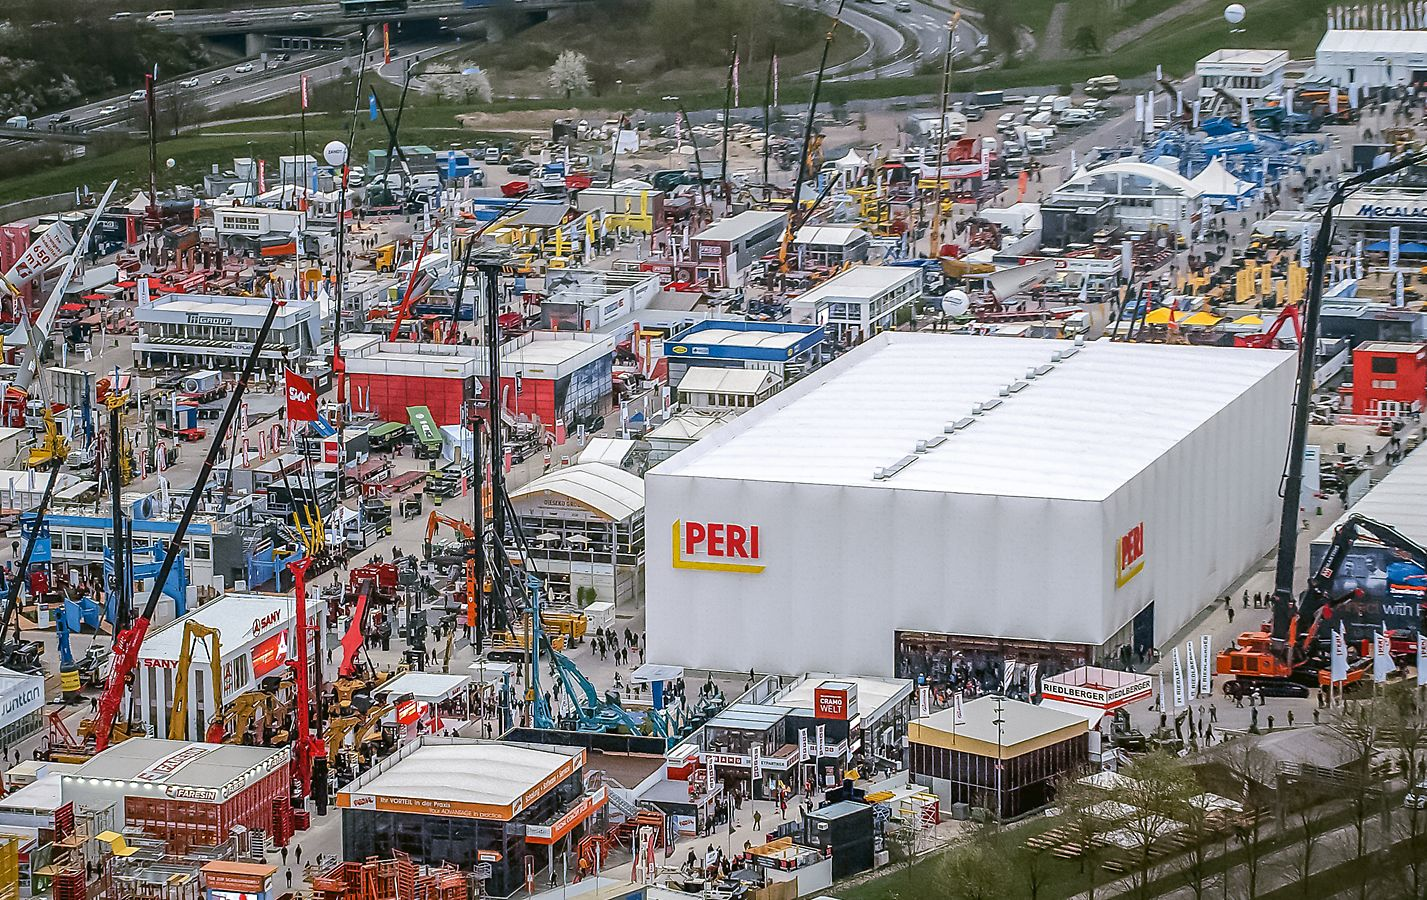 8-14 Nisan 2019 Münih